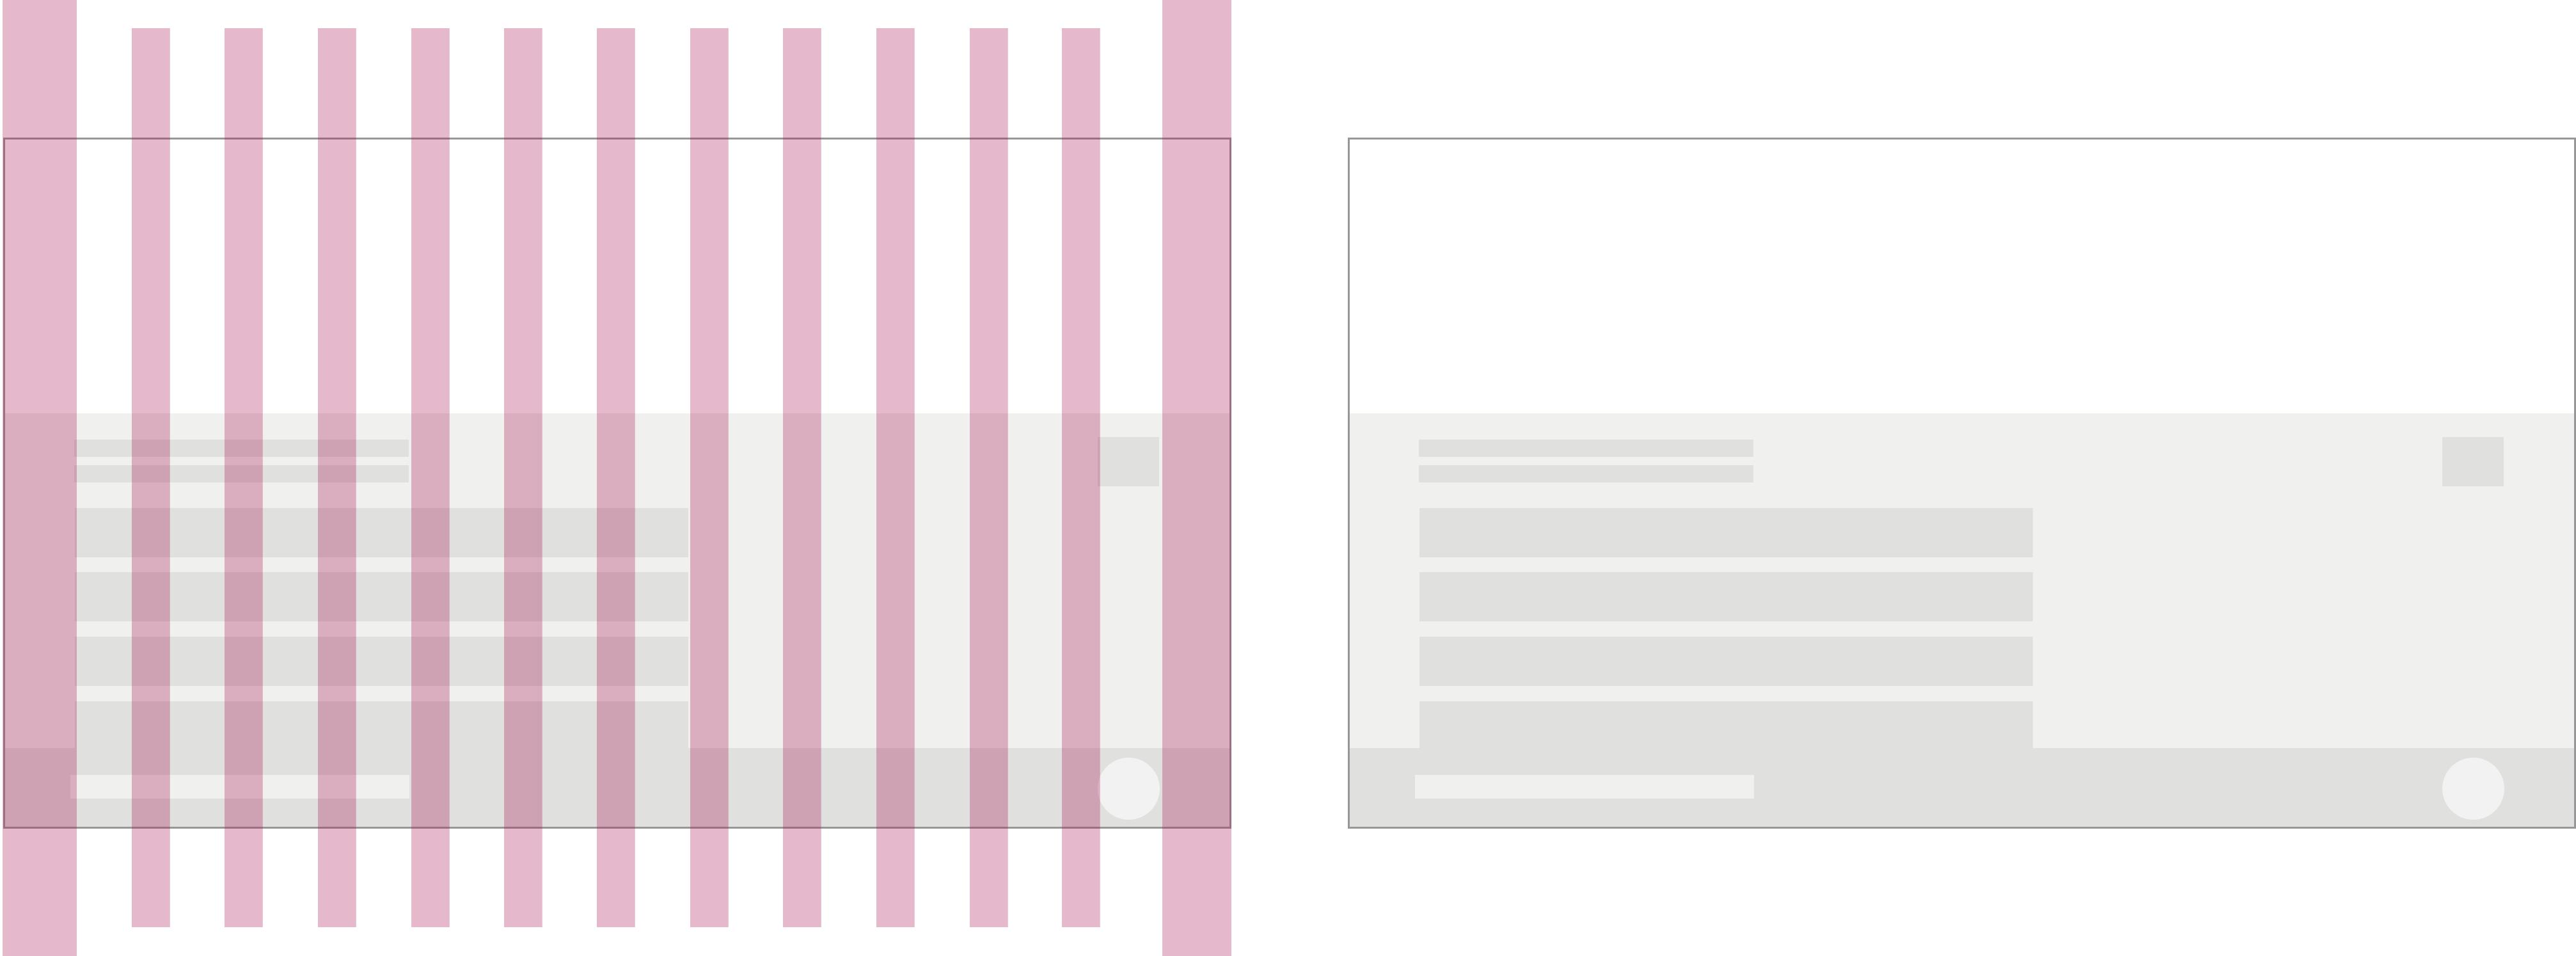 大サイズのテレビのページにカラム間隔を表す赤線が引かれたレイアウト